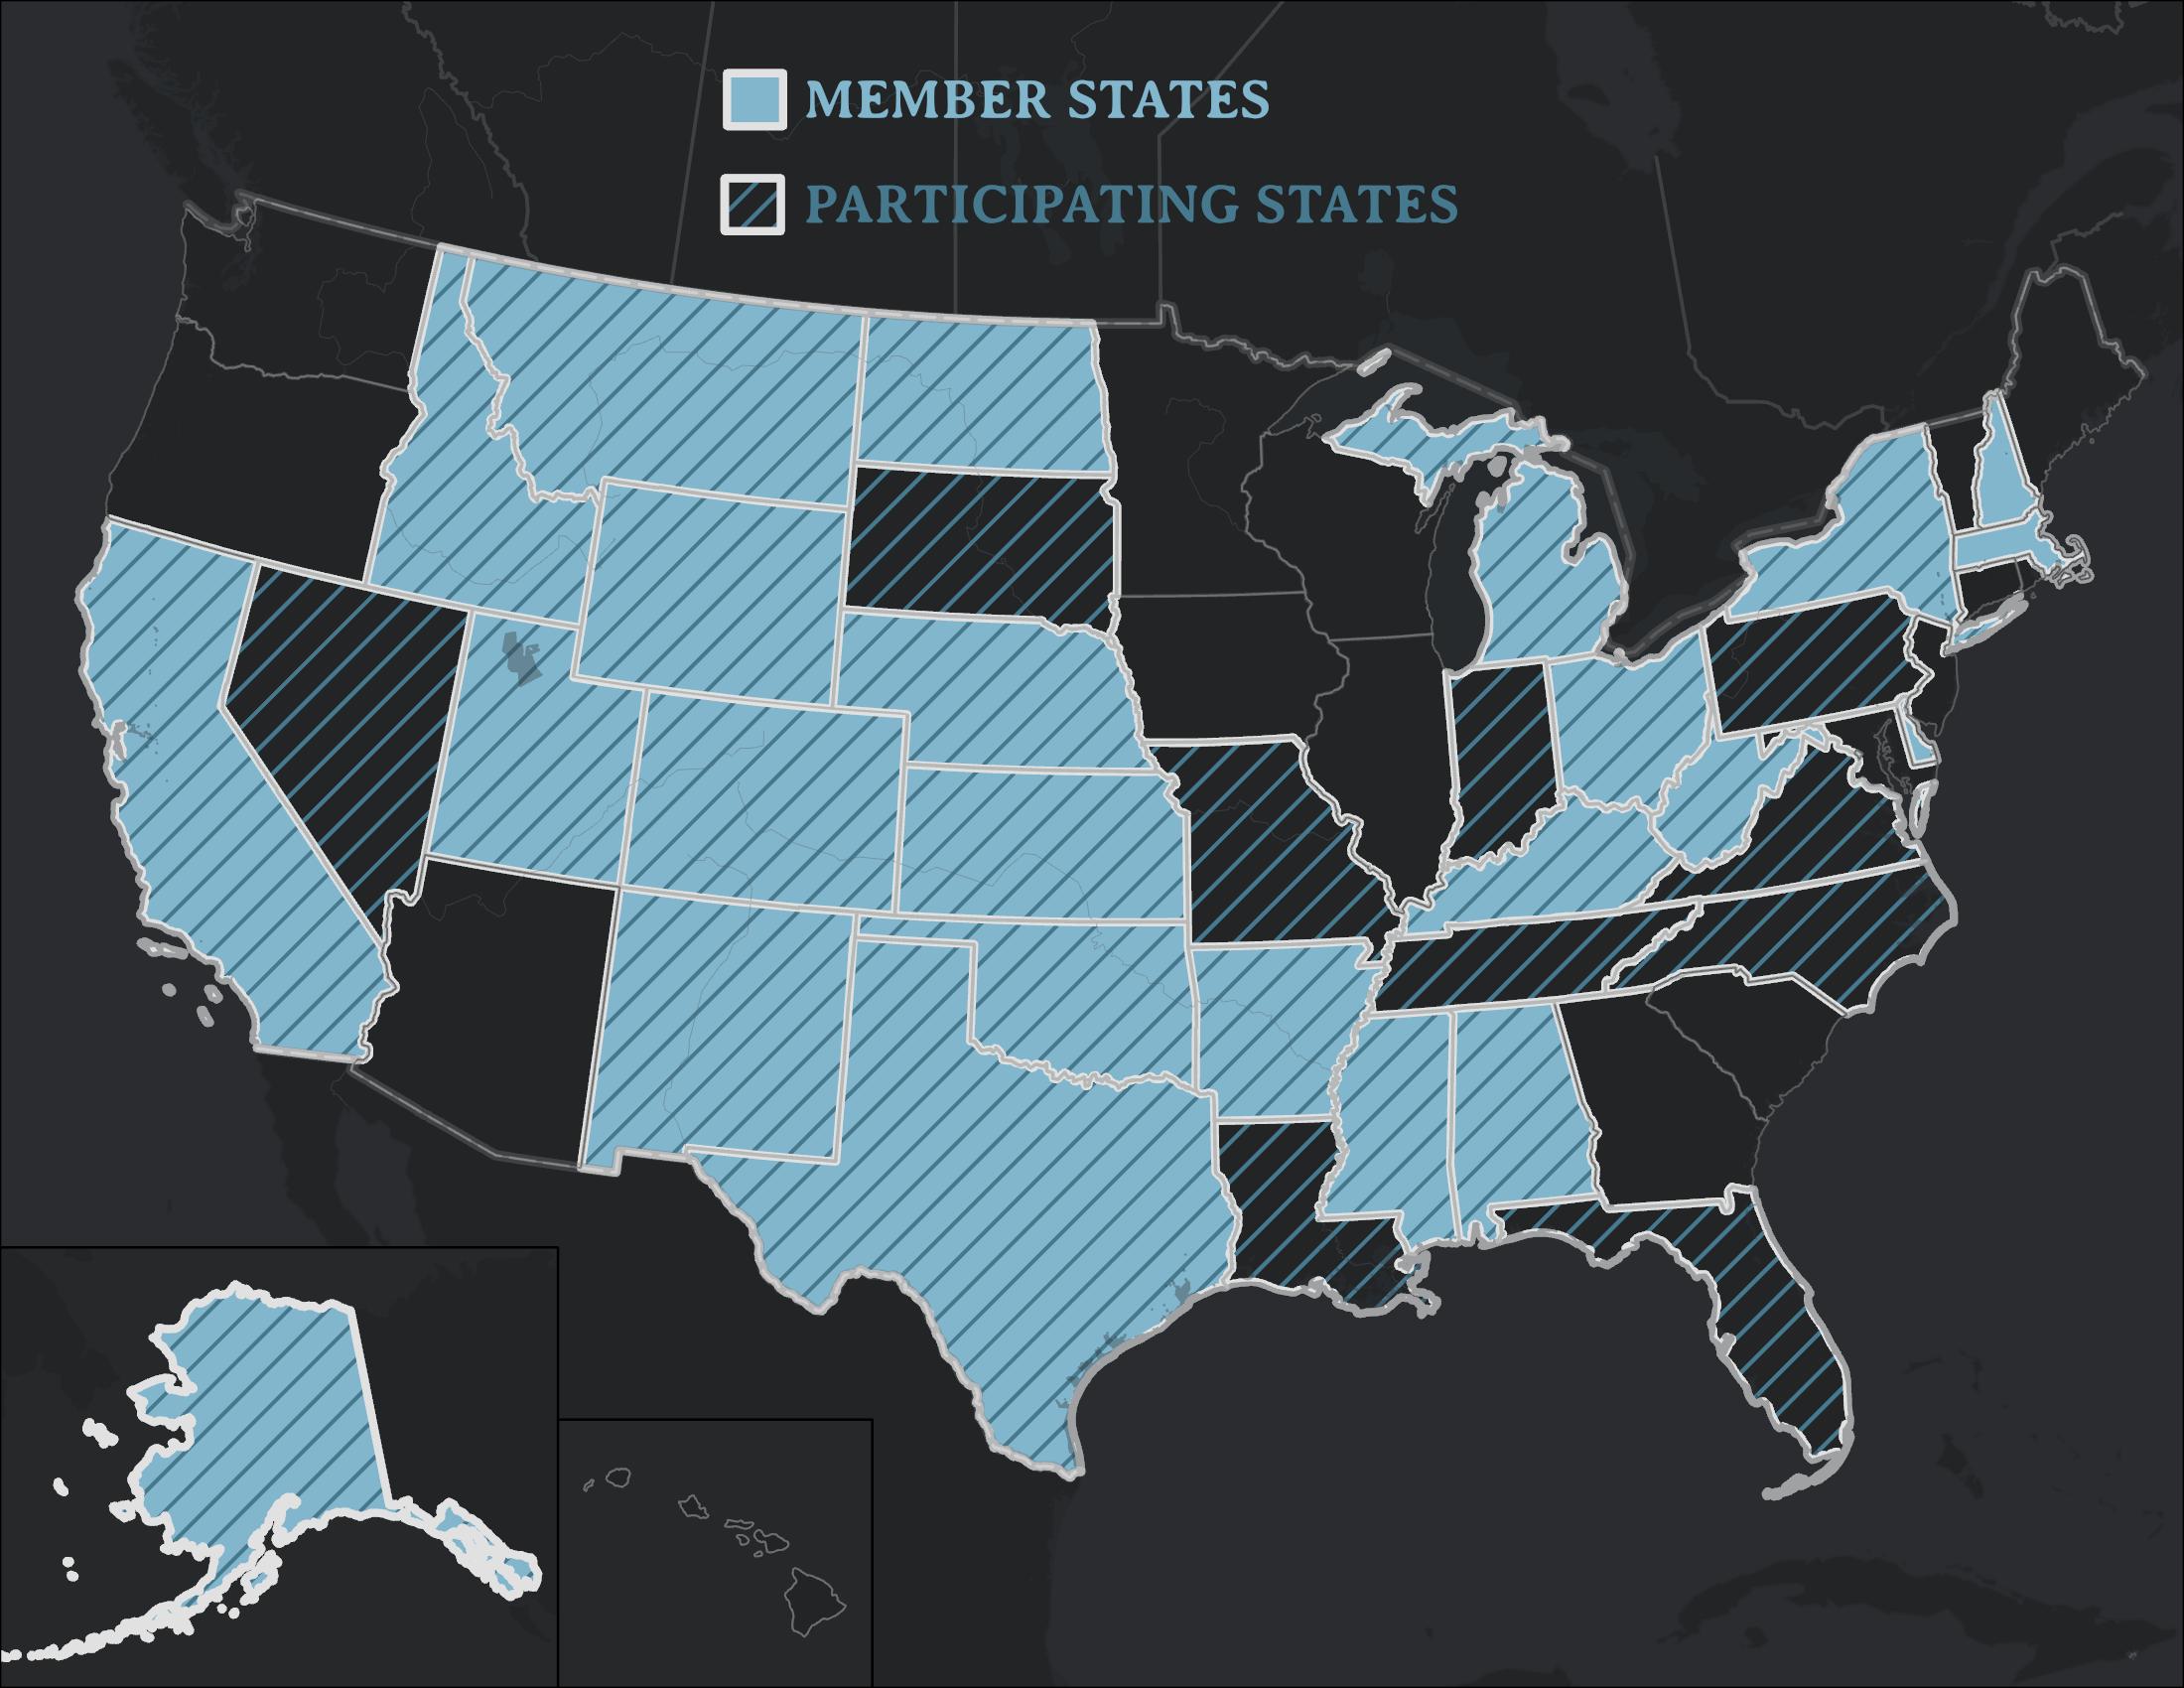 Member States Map